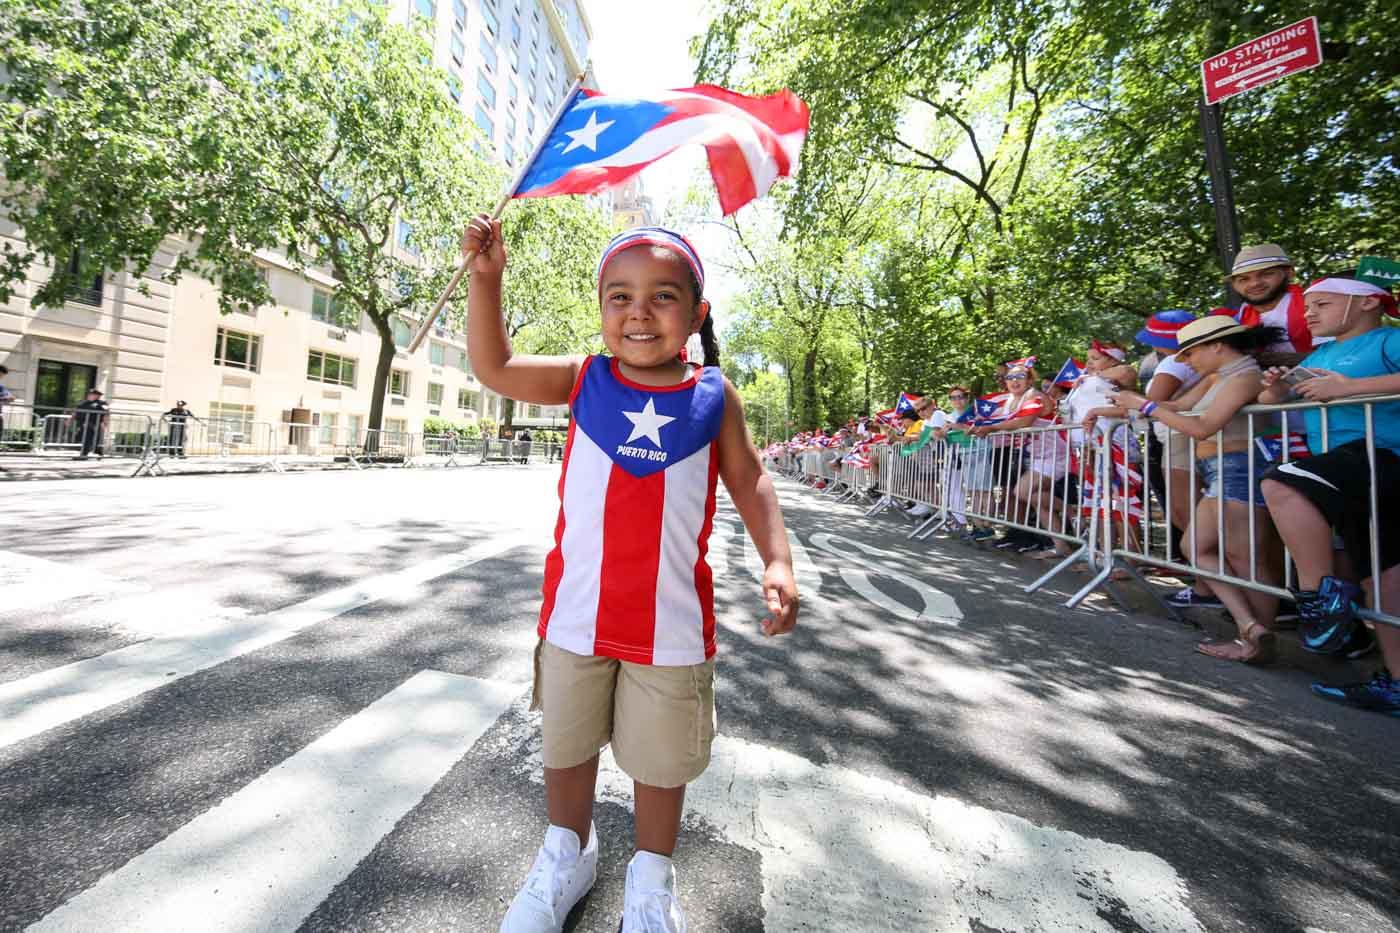 20160612_puertorican_parade_573